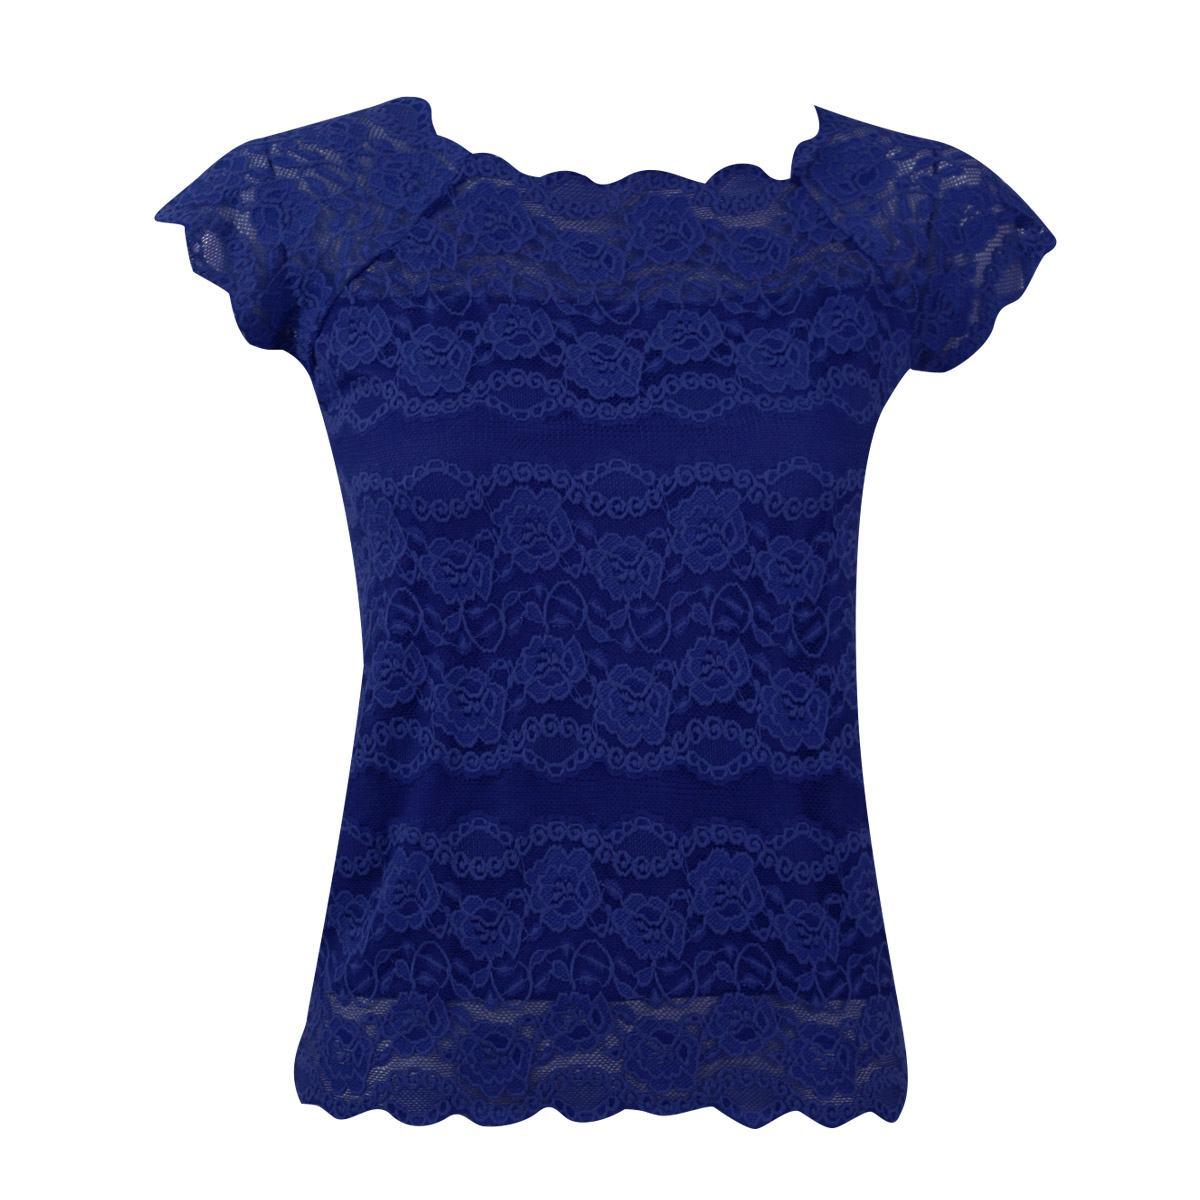 blusas de renda azul lindos modelos para o ver o so detalhe